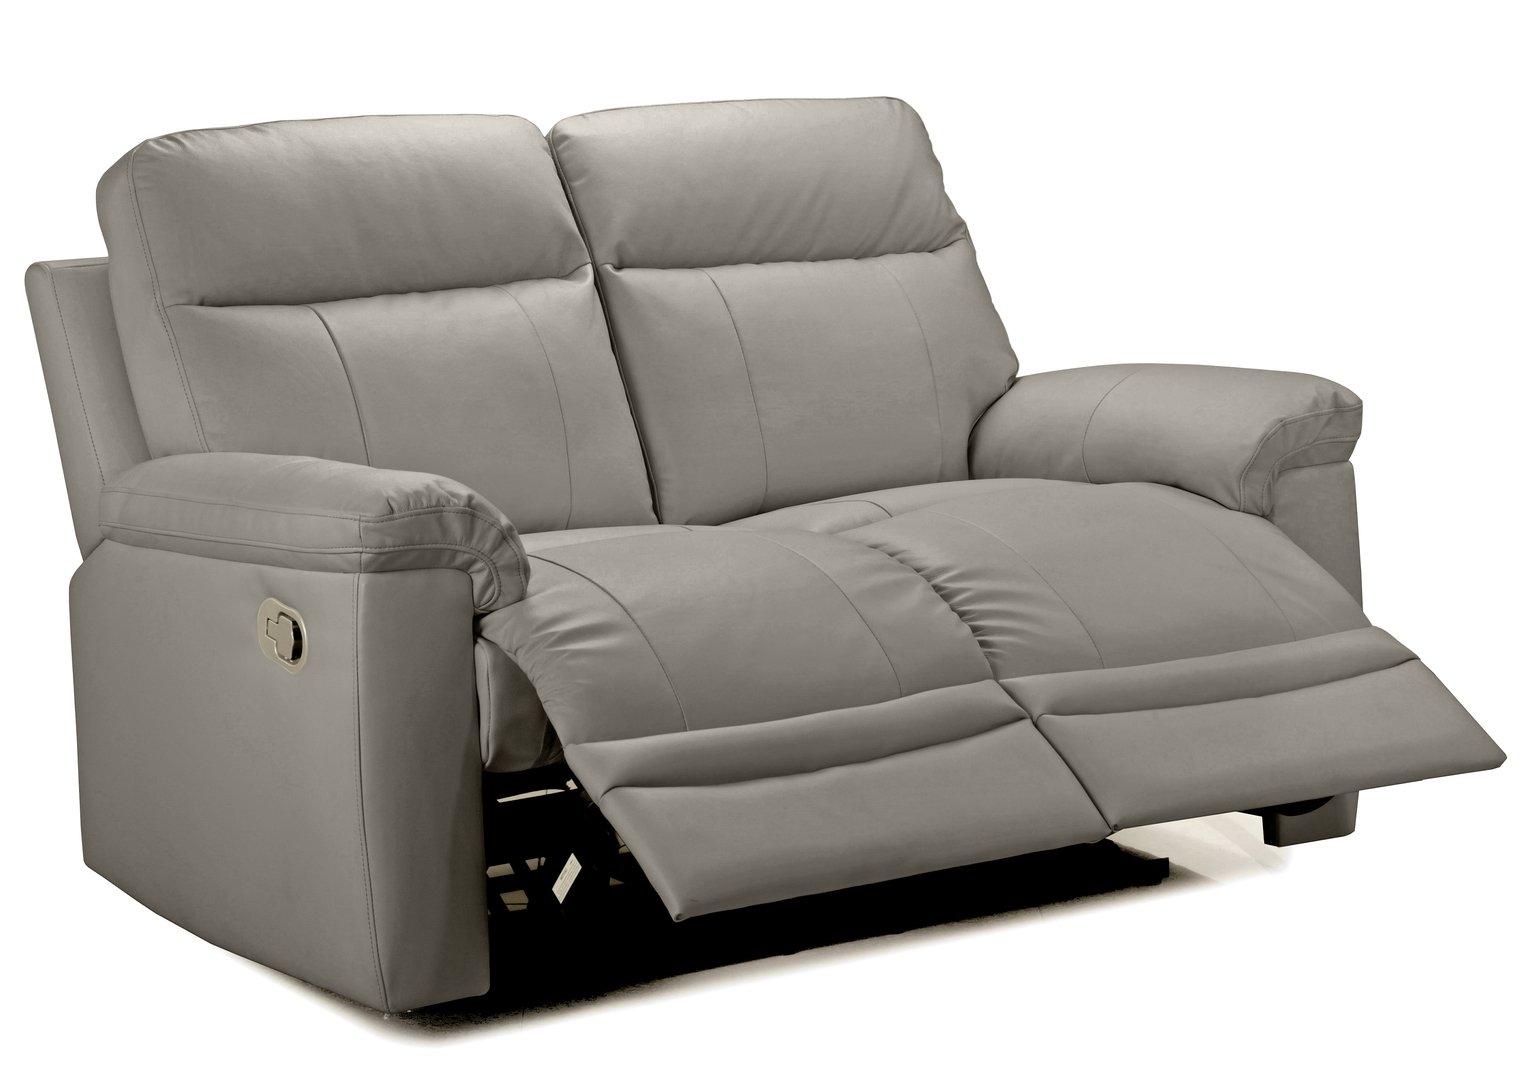 Argos Home Paolo 2 Seater Manual Recliner Sofa - Grey